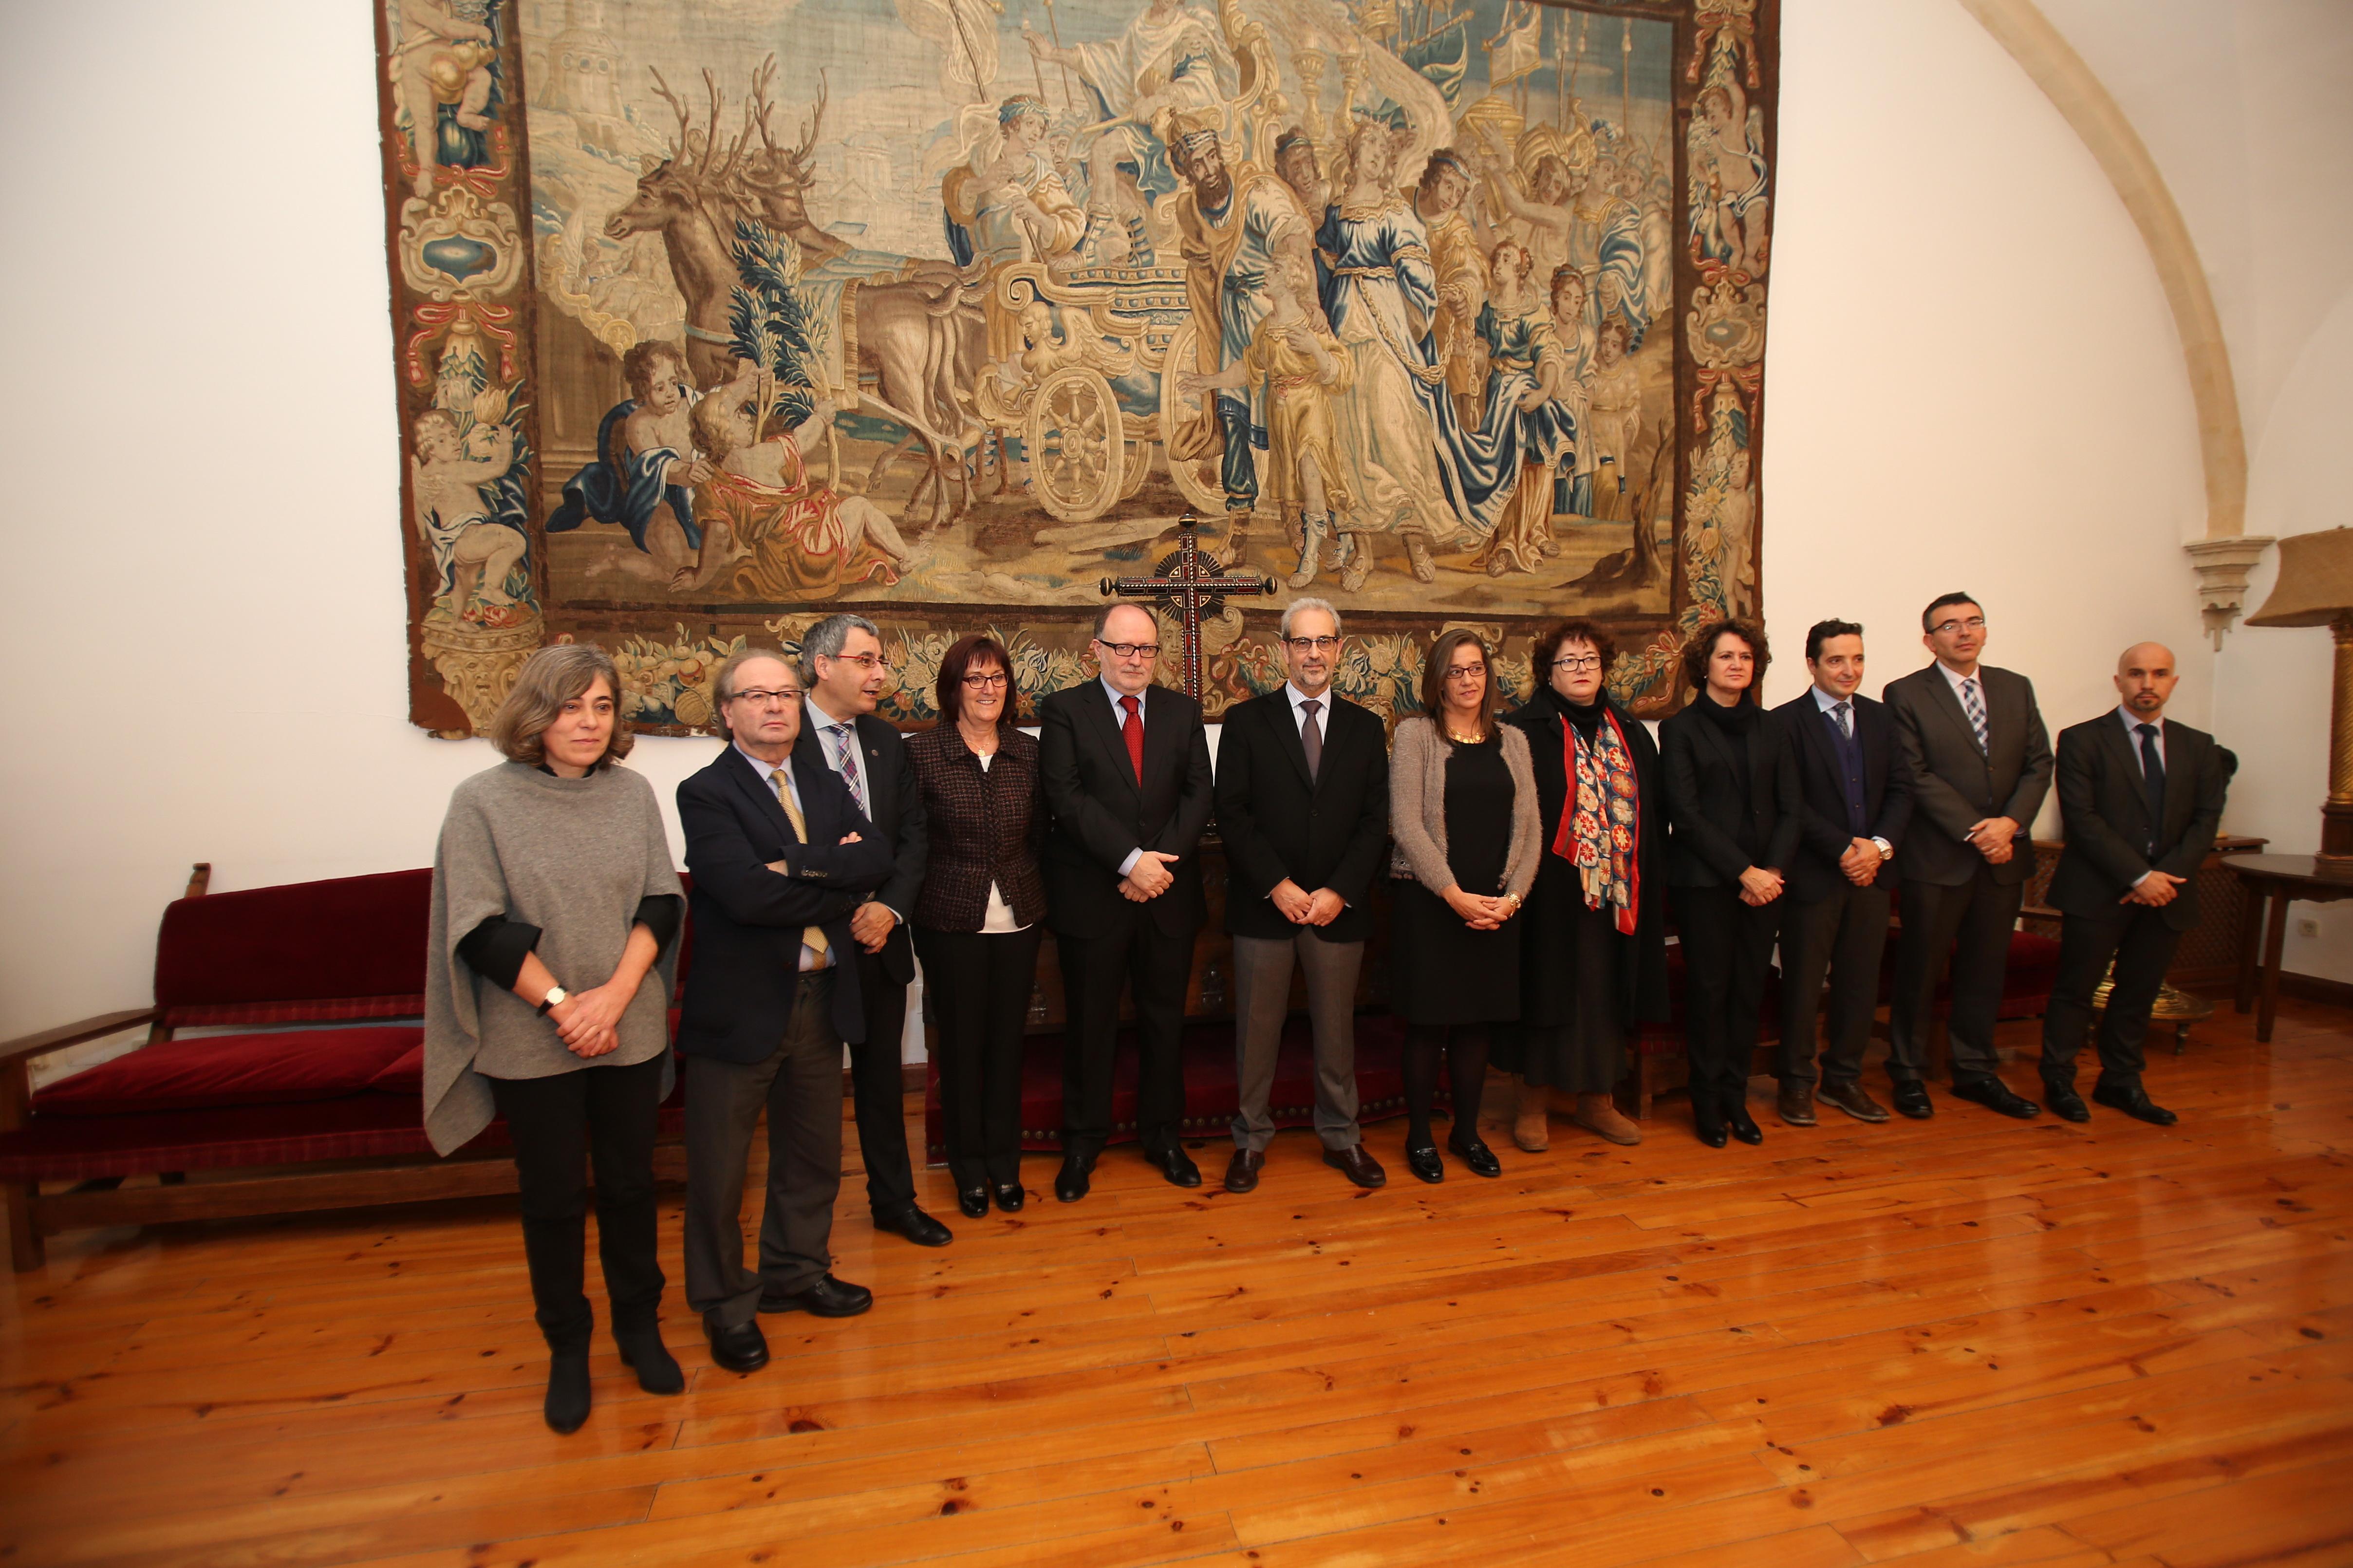 El rector preside la toma de posesión de los nuevos cargos de vicerrectores y secretaria general